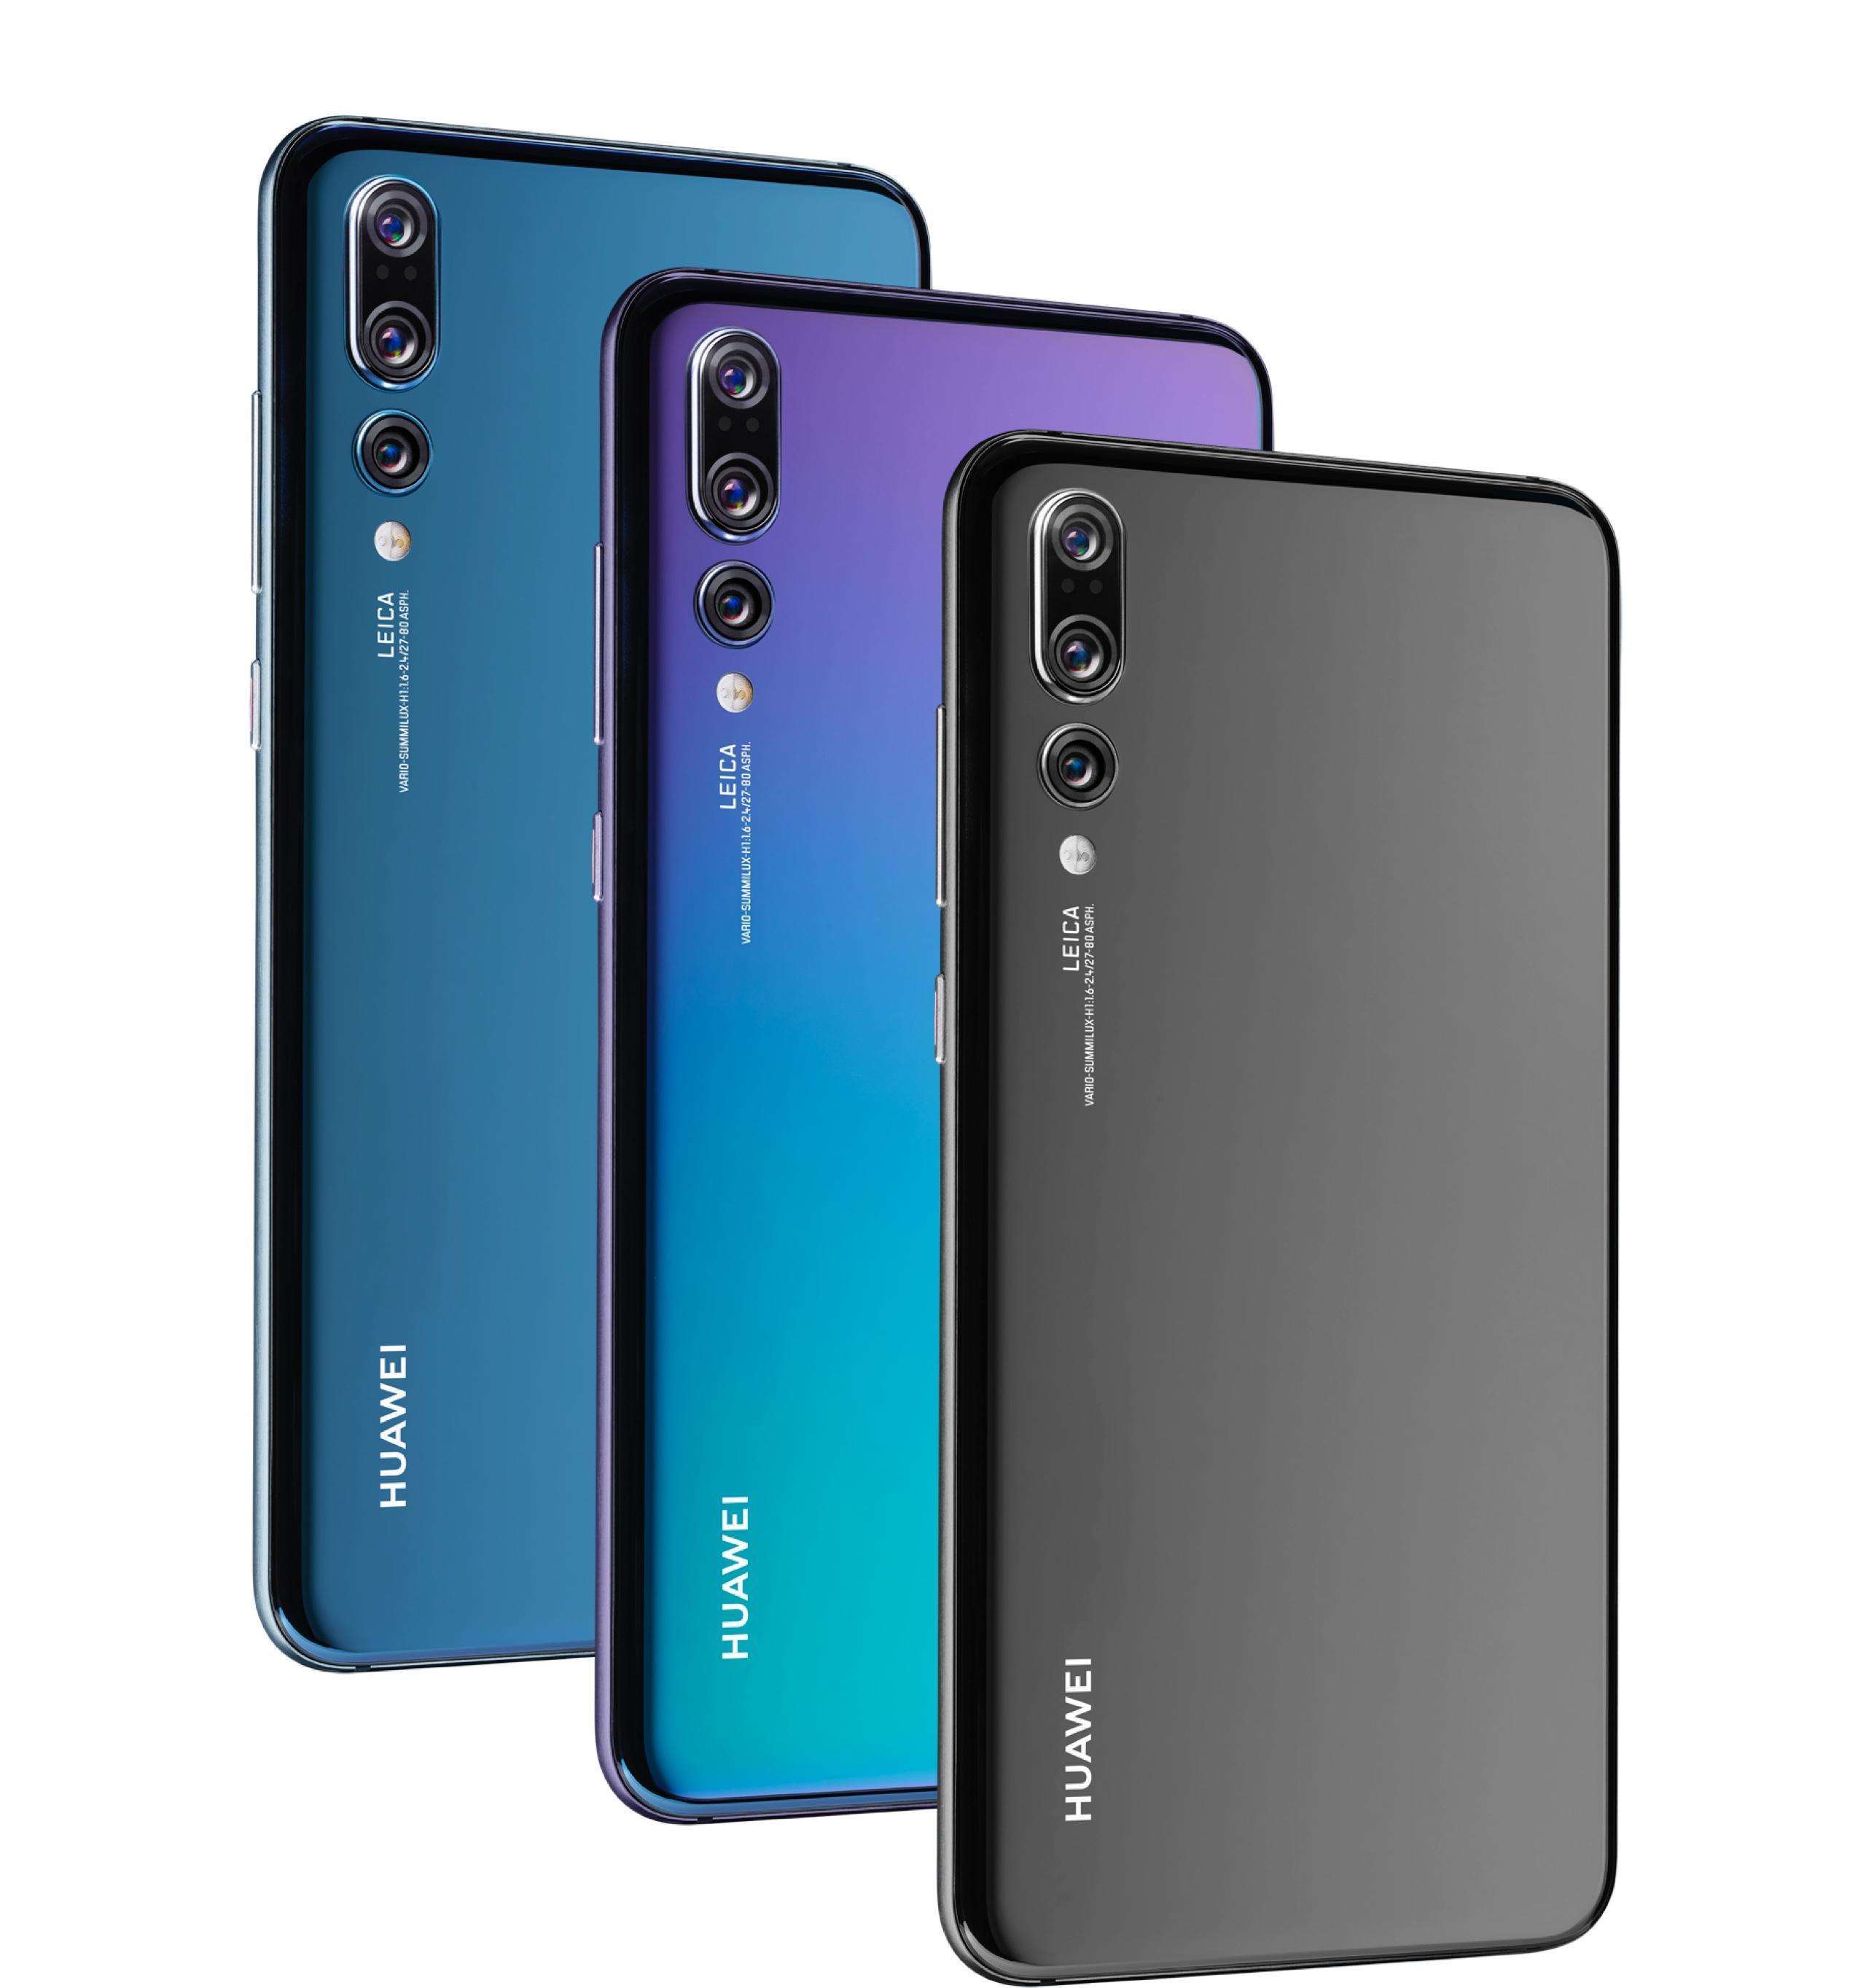 Huawei P20 Pro alle Farben + LogiTel-Vodafone 5GB LTE Smart L Aktion